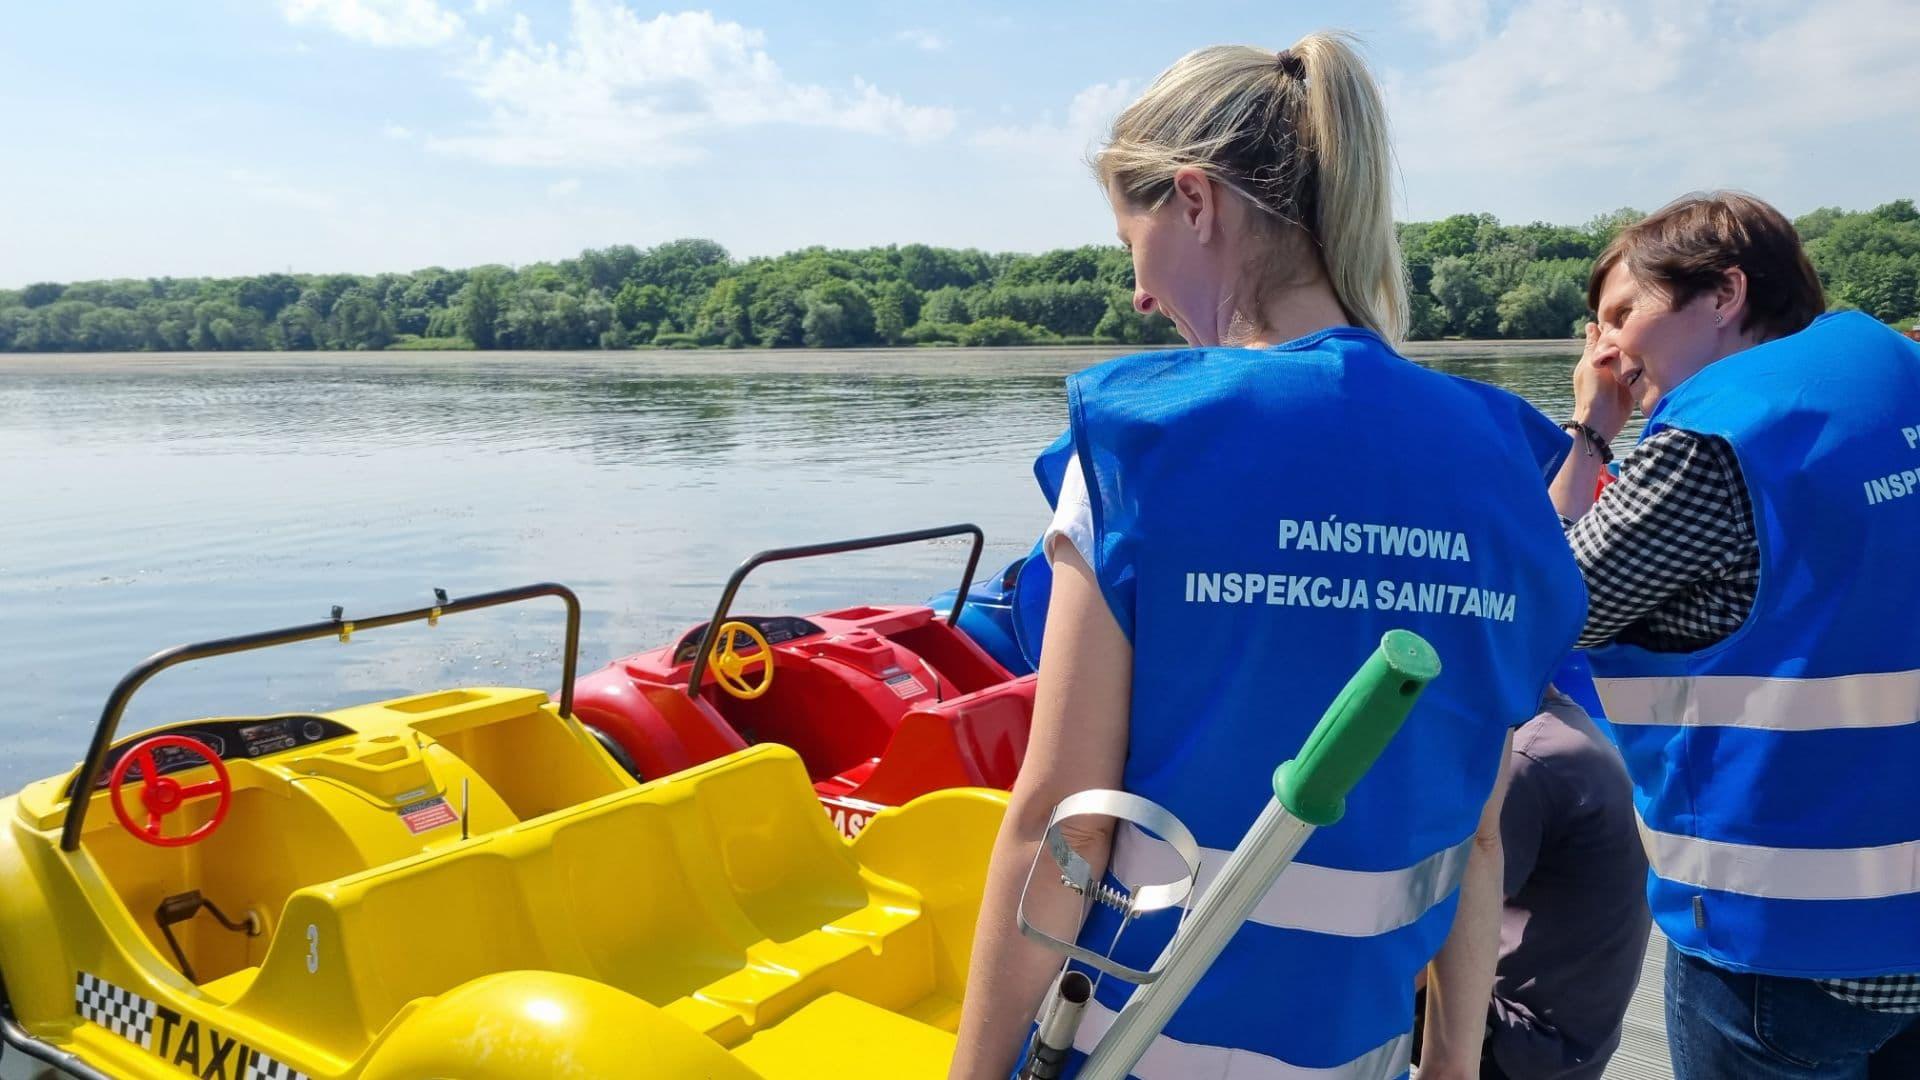 sprawdzanie wody w kapieliskach sanepid jezioro - Magdalena Konieczna